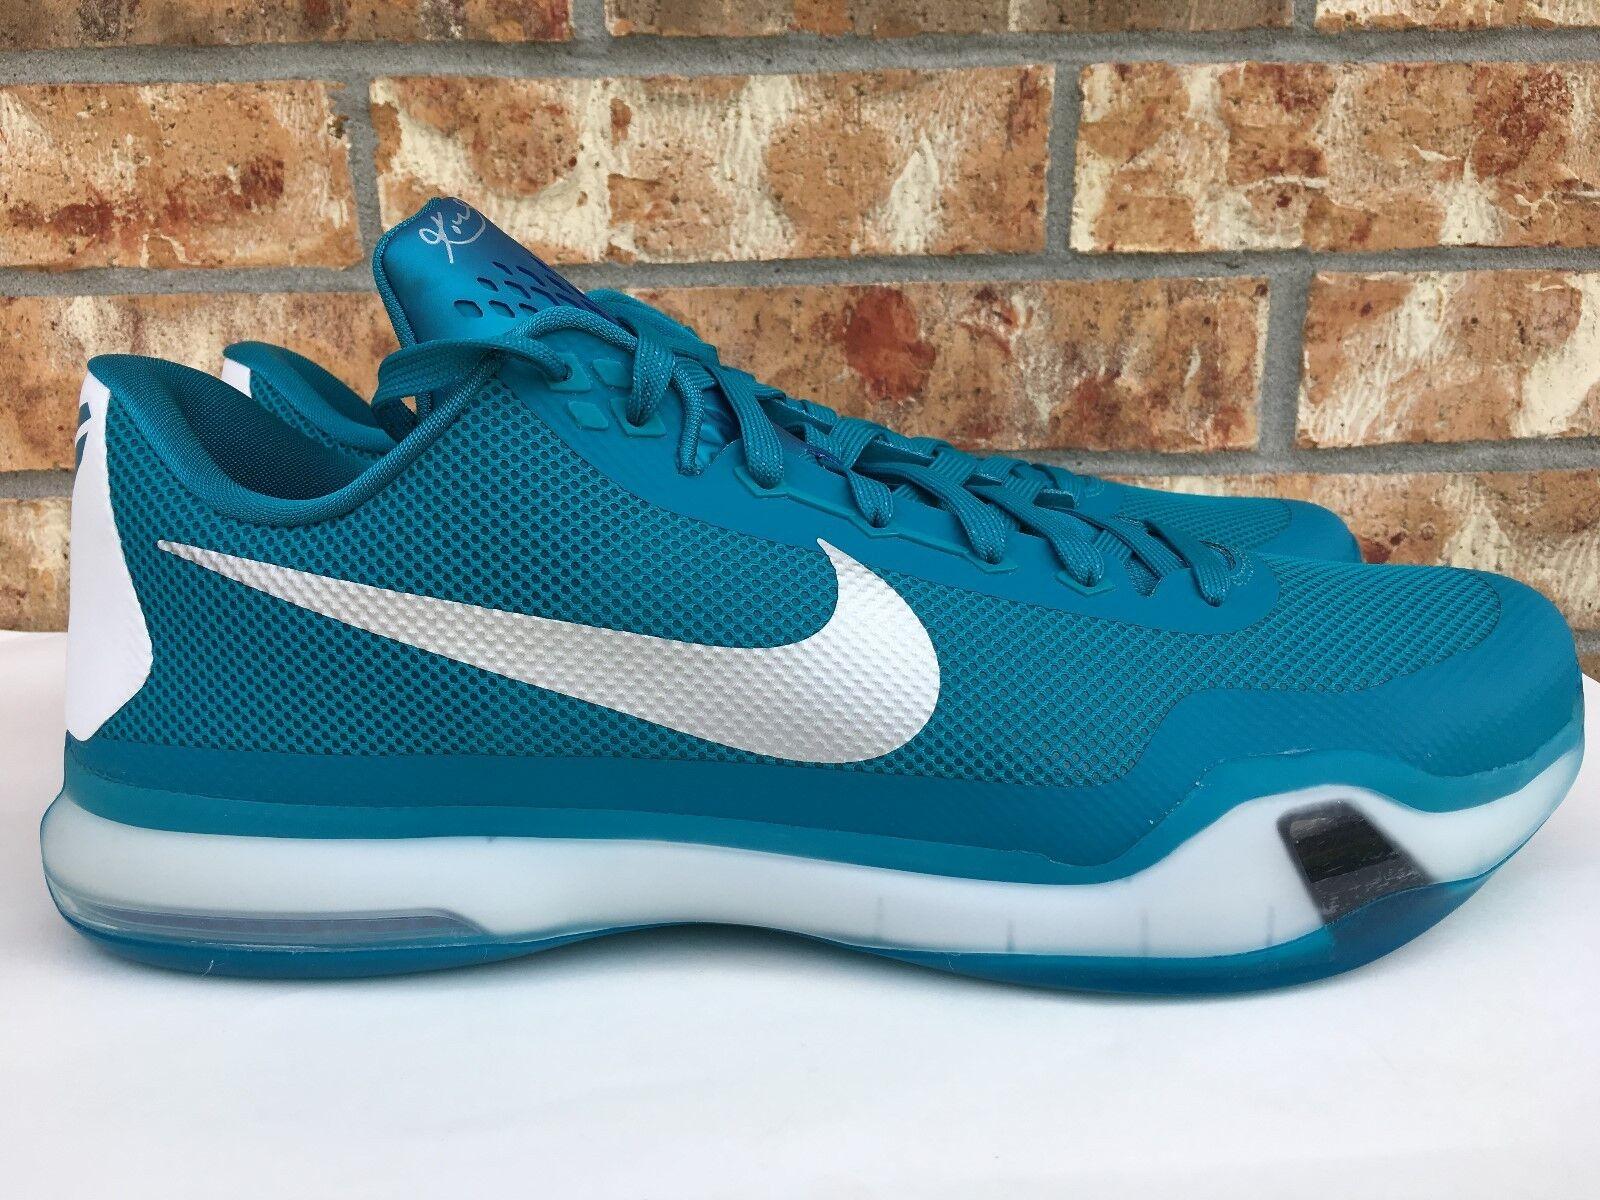 Men's Nike Kobe X 10 TB Basketball shoes Teal White Silver Size 16.5 813030-301